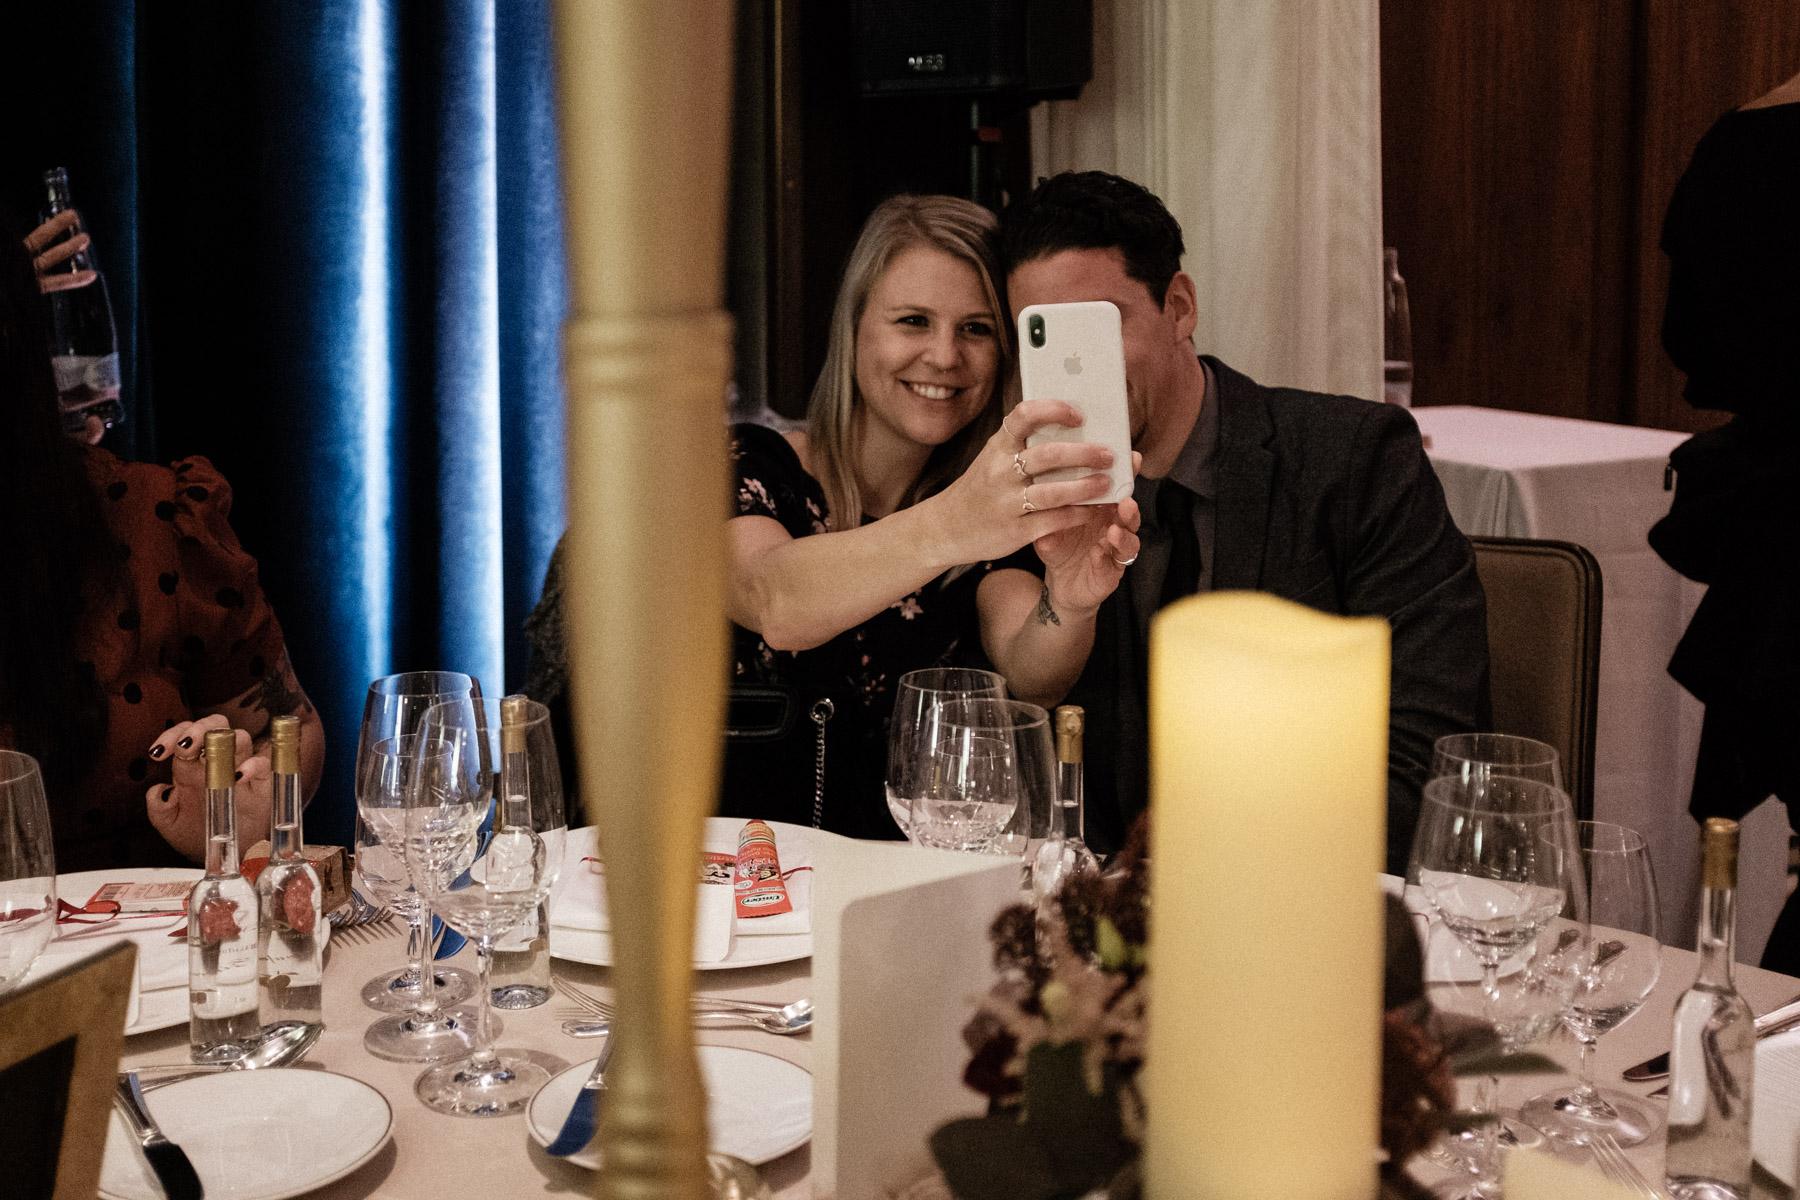 MartinLiebl_Kein_Hochzeitsfotograf_No_Wedding_Photographer_Budapest_Gresham_Palace_056.jpg